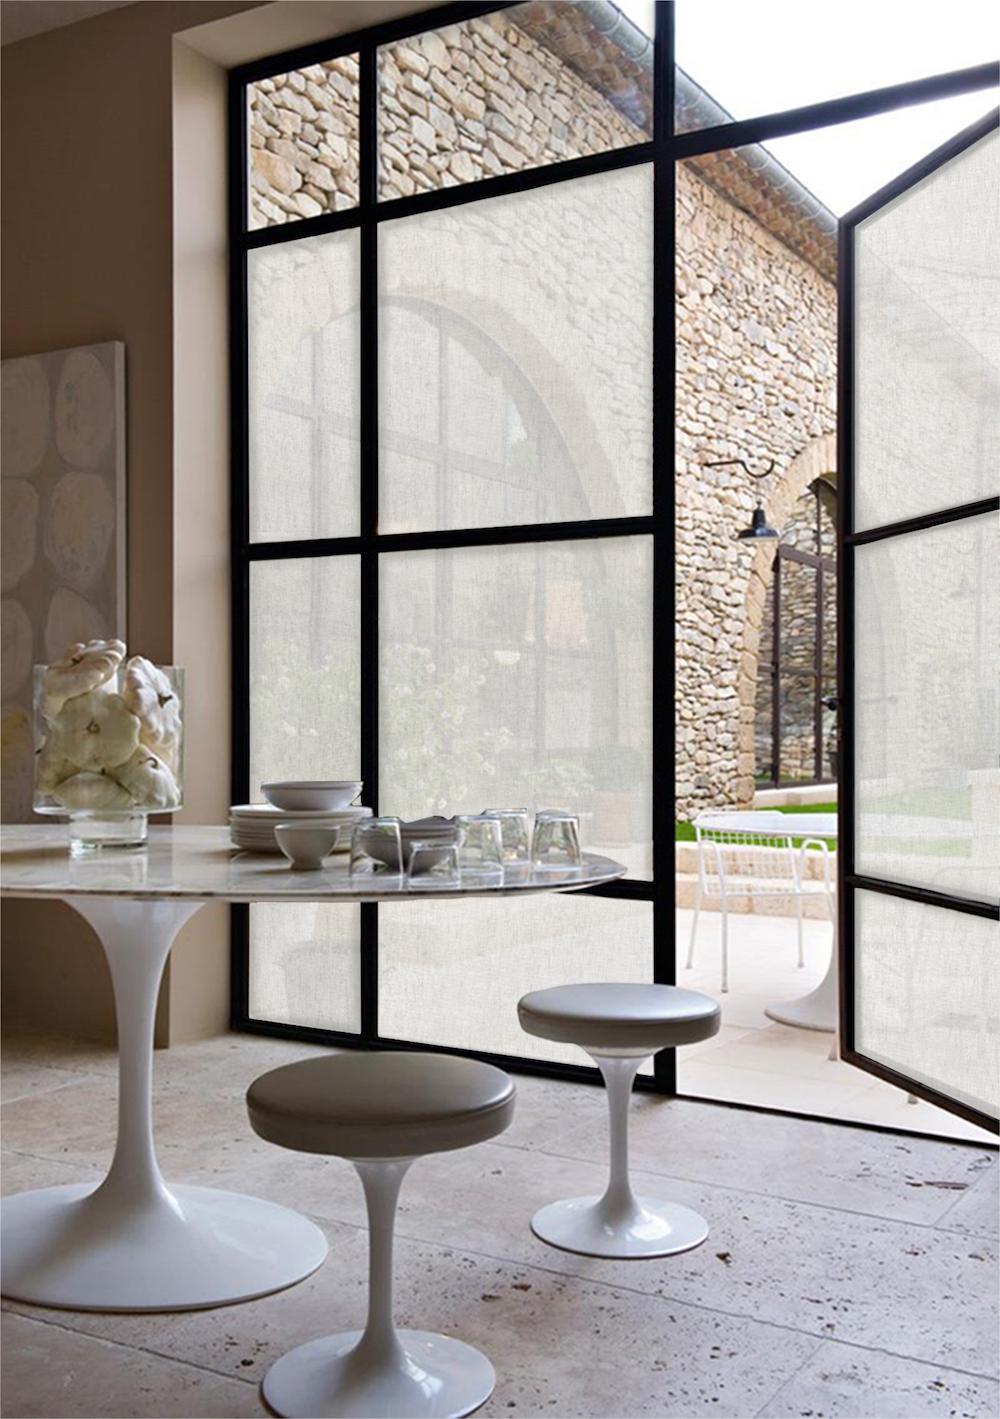 Zonwerende raamfolie biedt privacy in huis